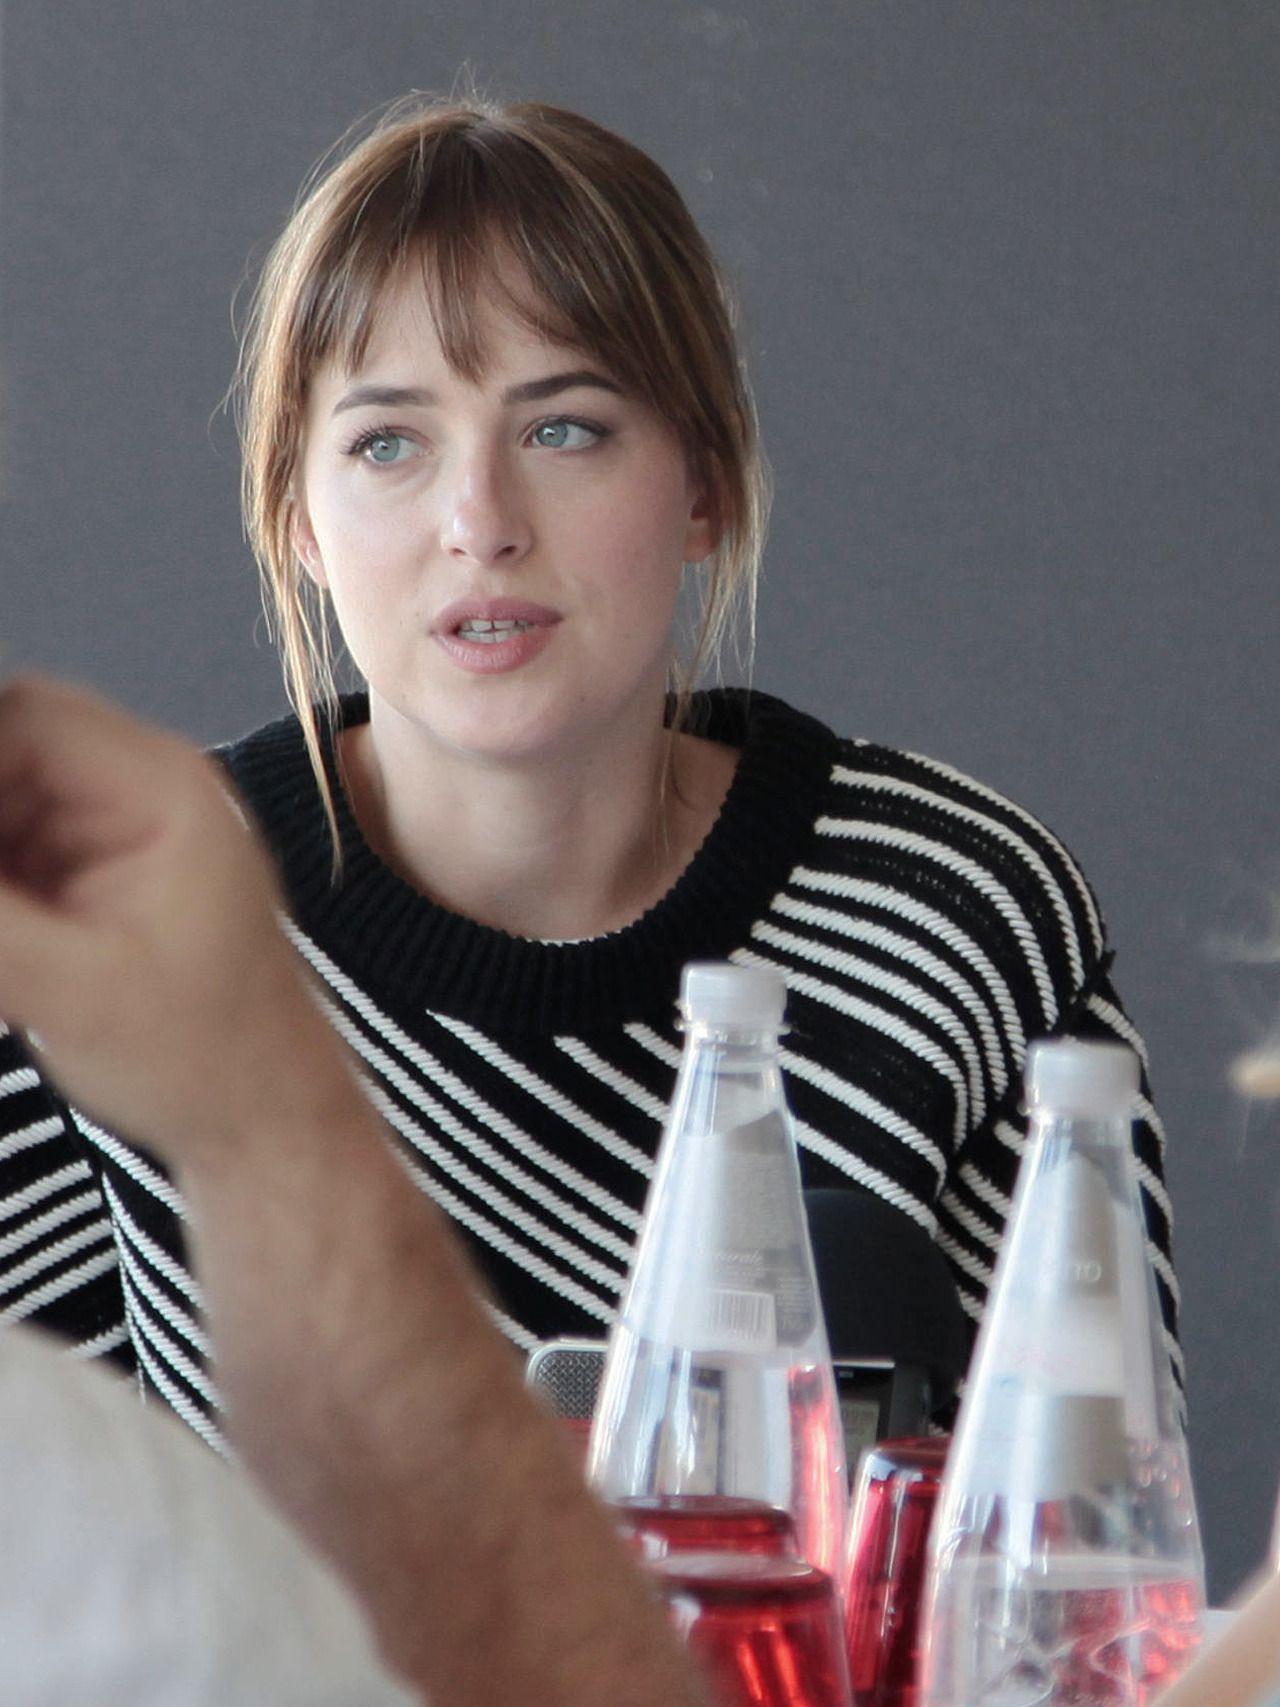 Dakota Johnson at the A Bigger Splash press junket in Venice - 7 Sep 2015